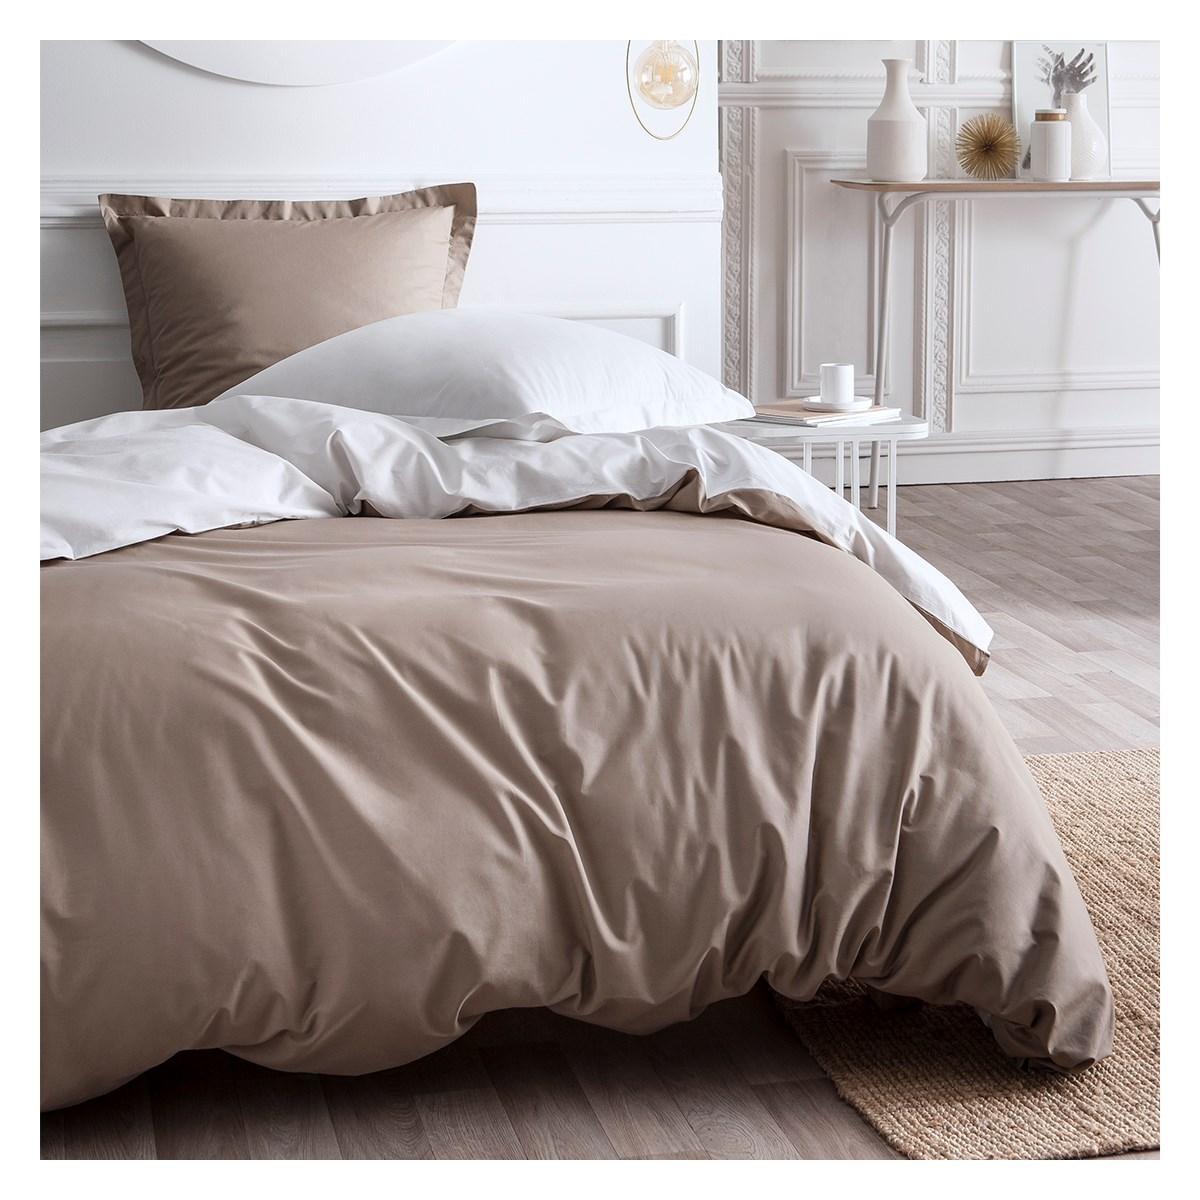 Parure de lit bicolore en Percale de coton Beige 220x240 cm